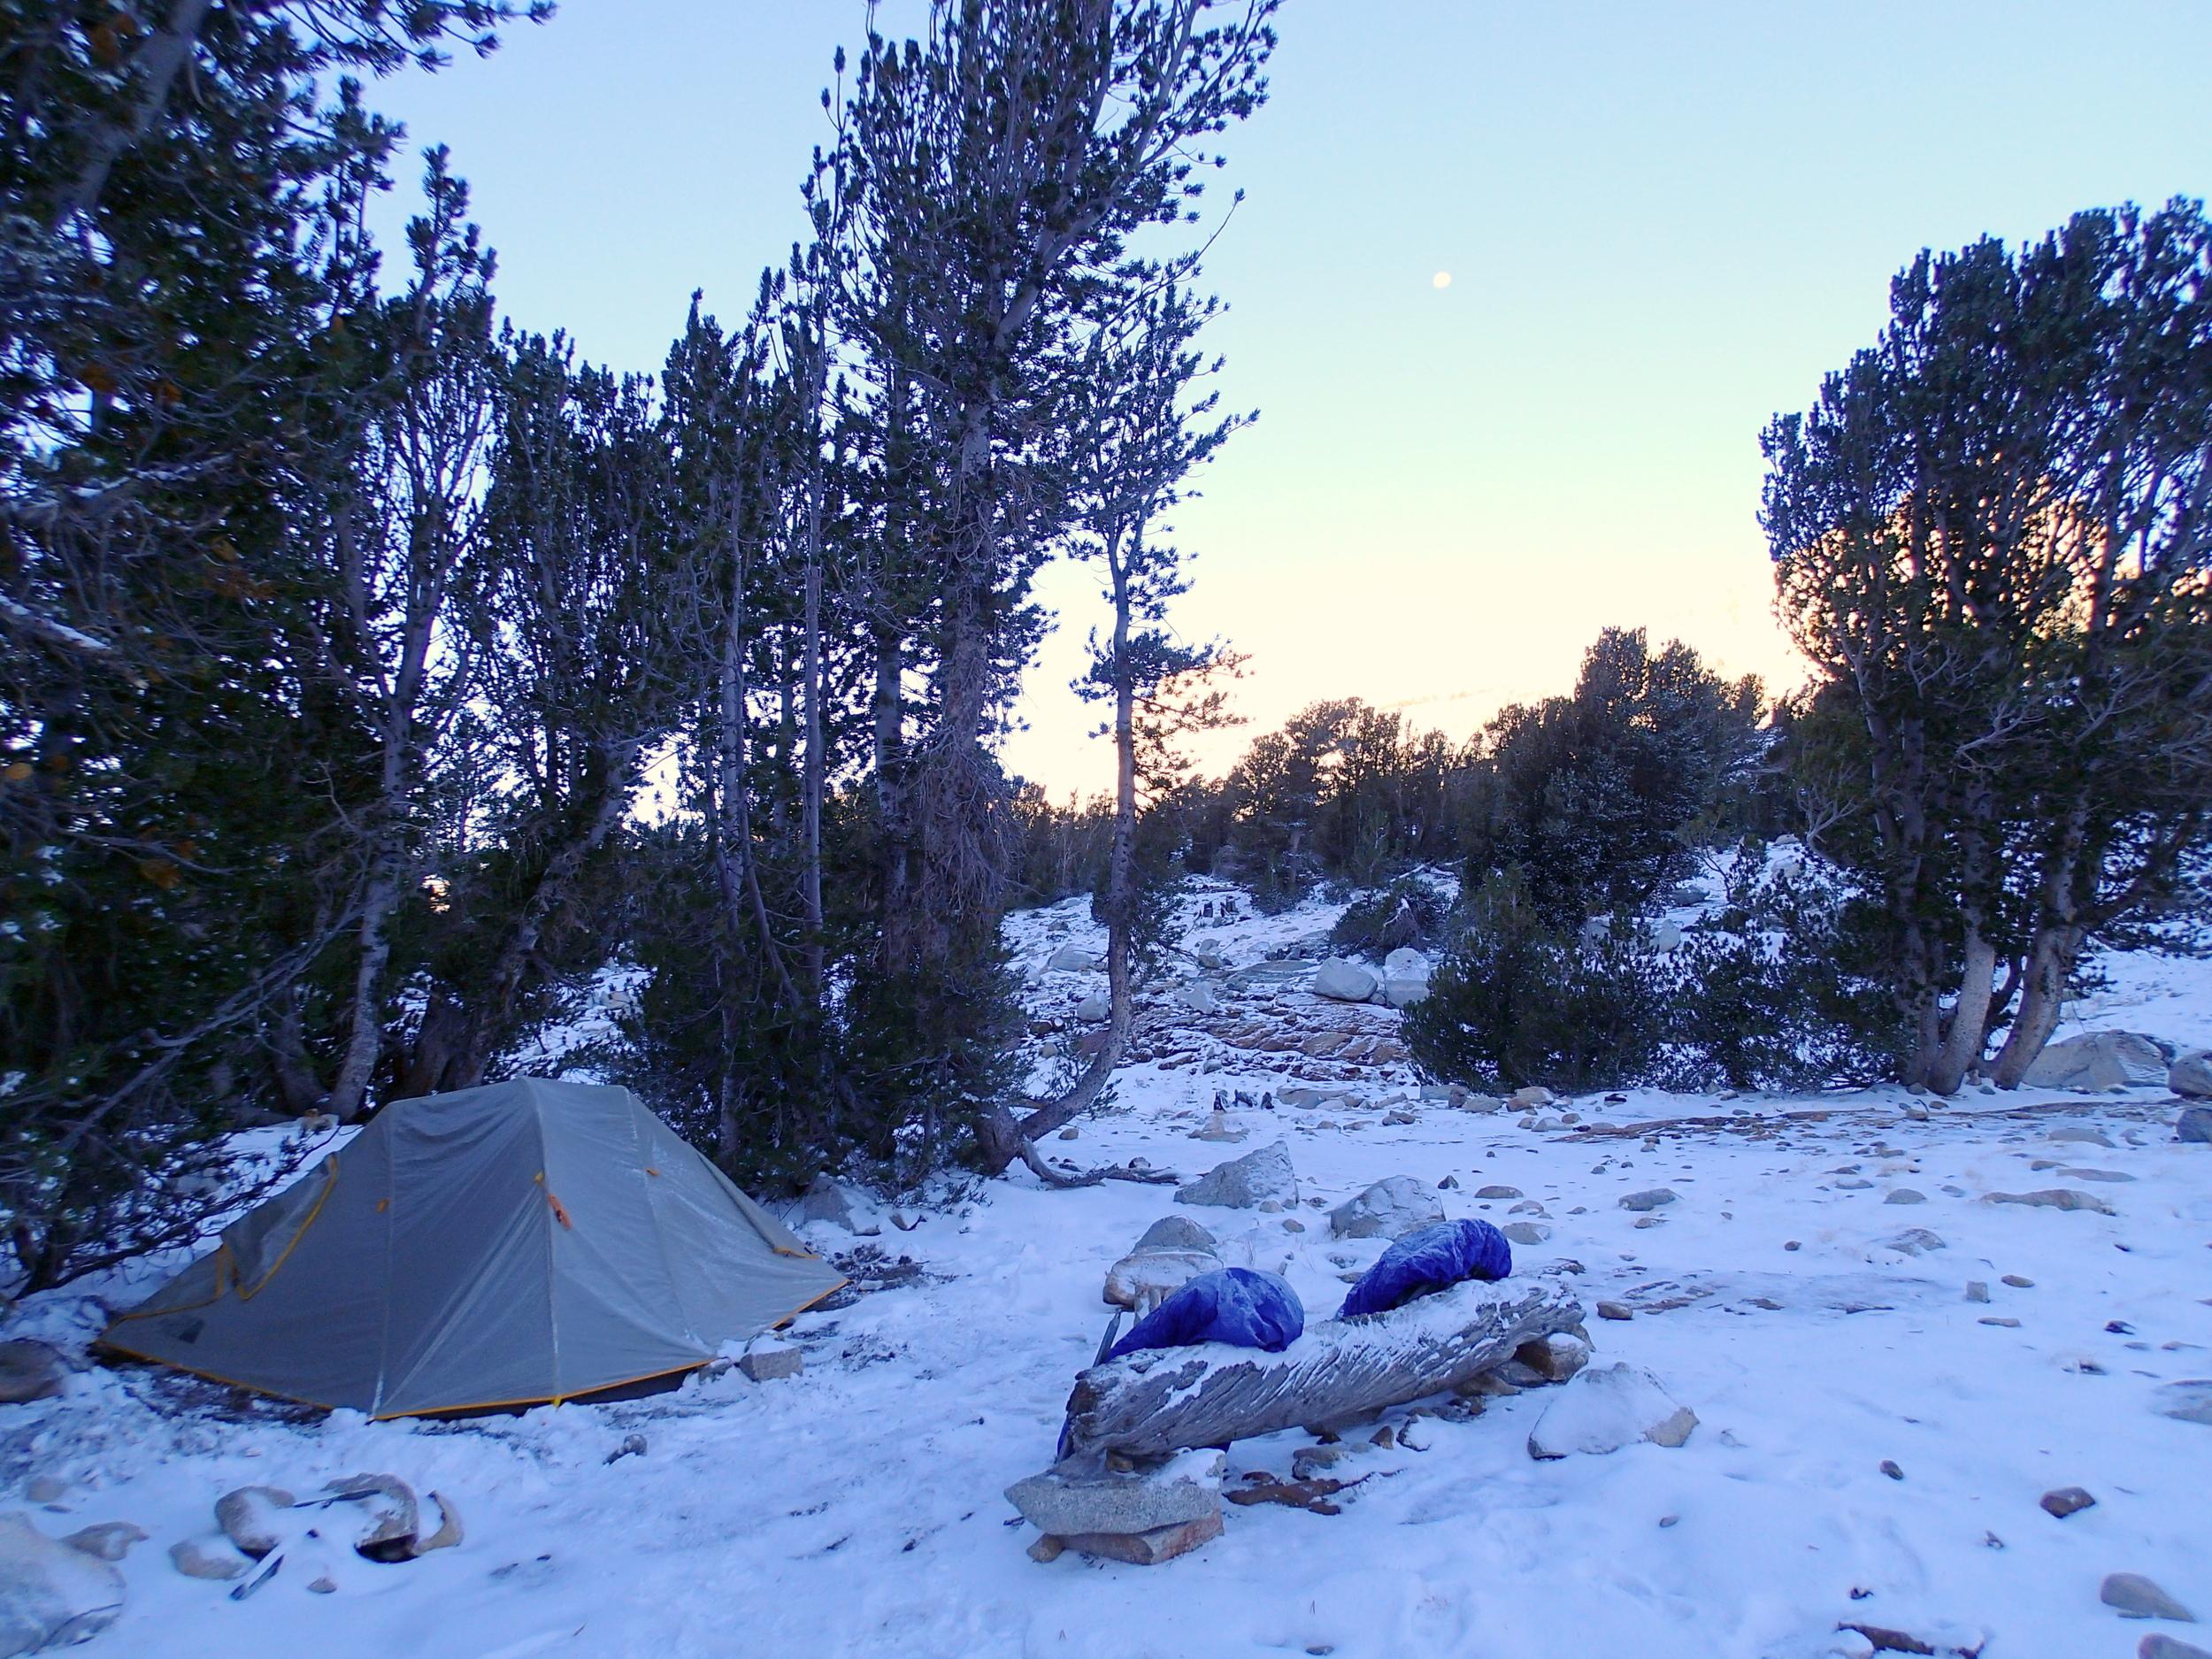 First season snow at camp